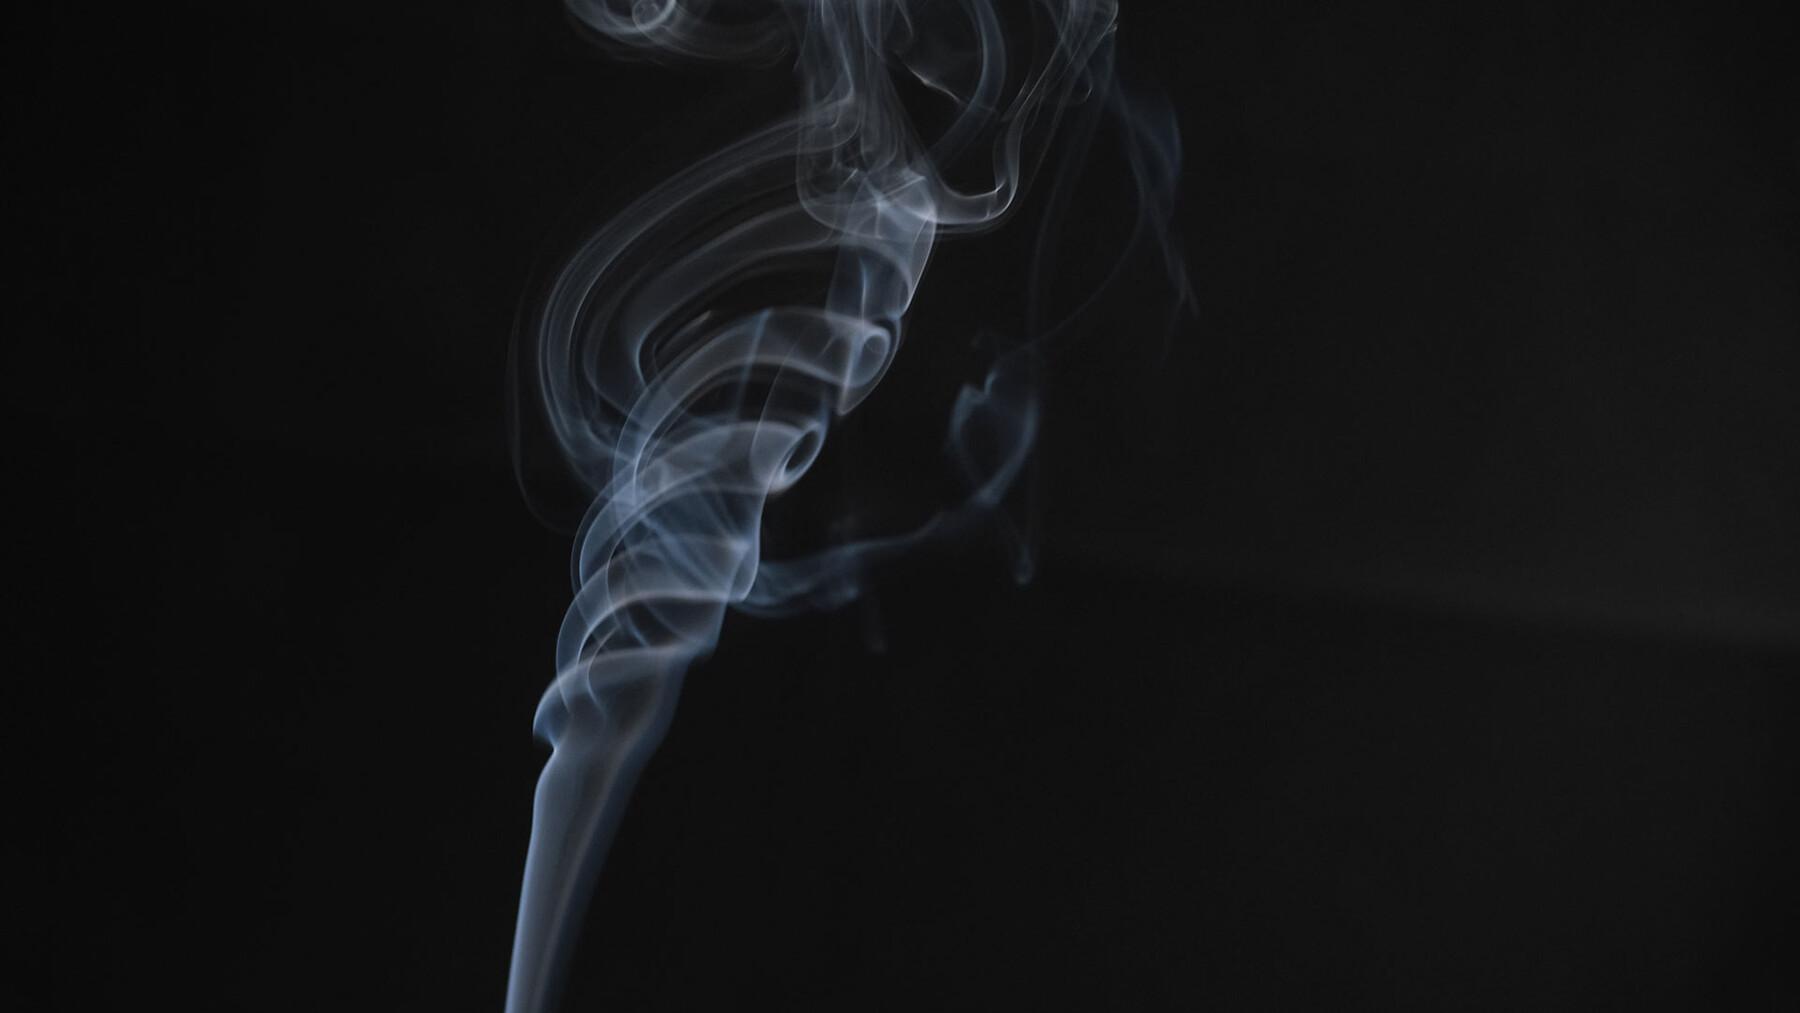 Smoke still life